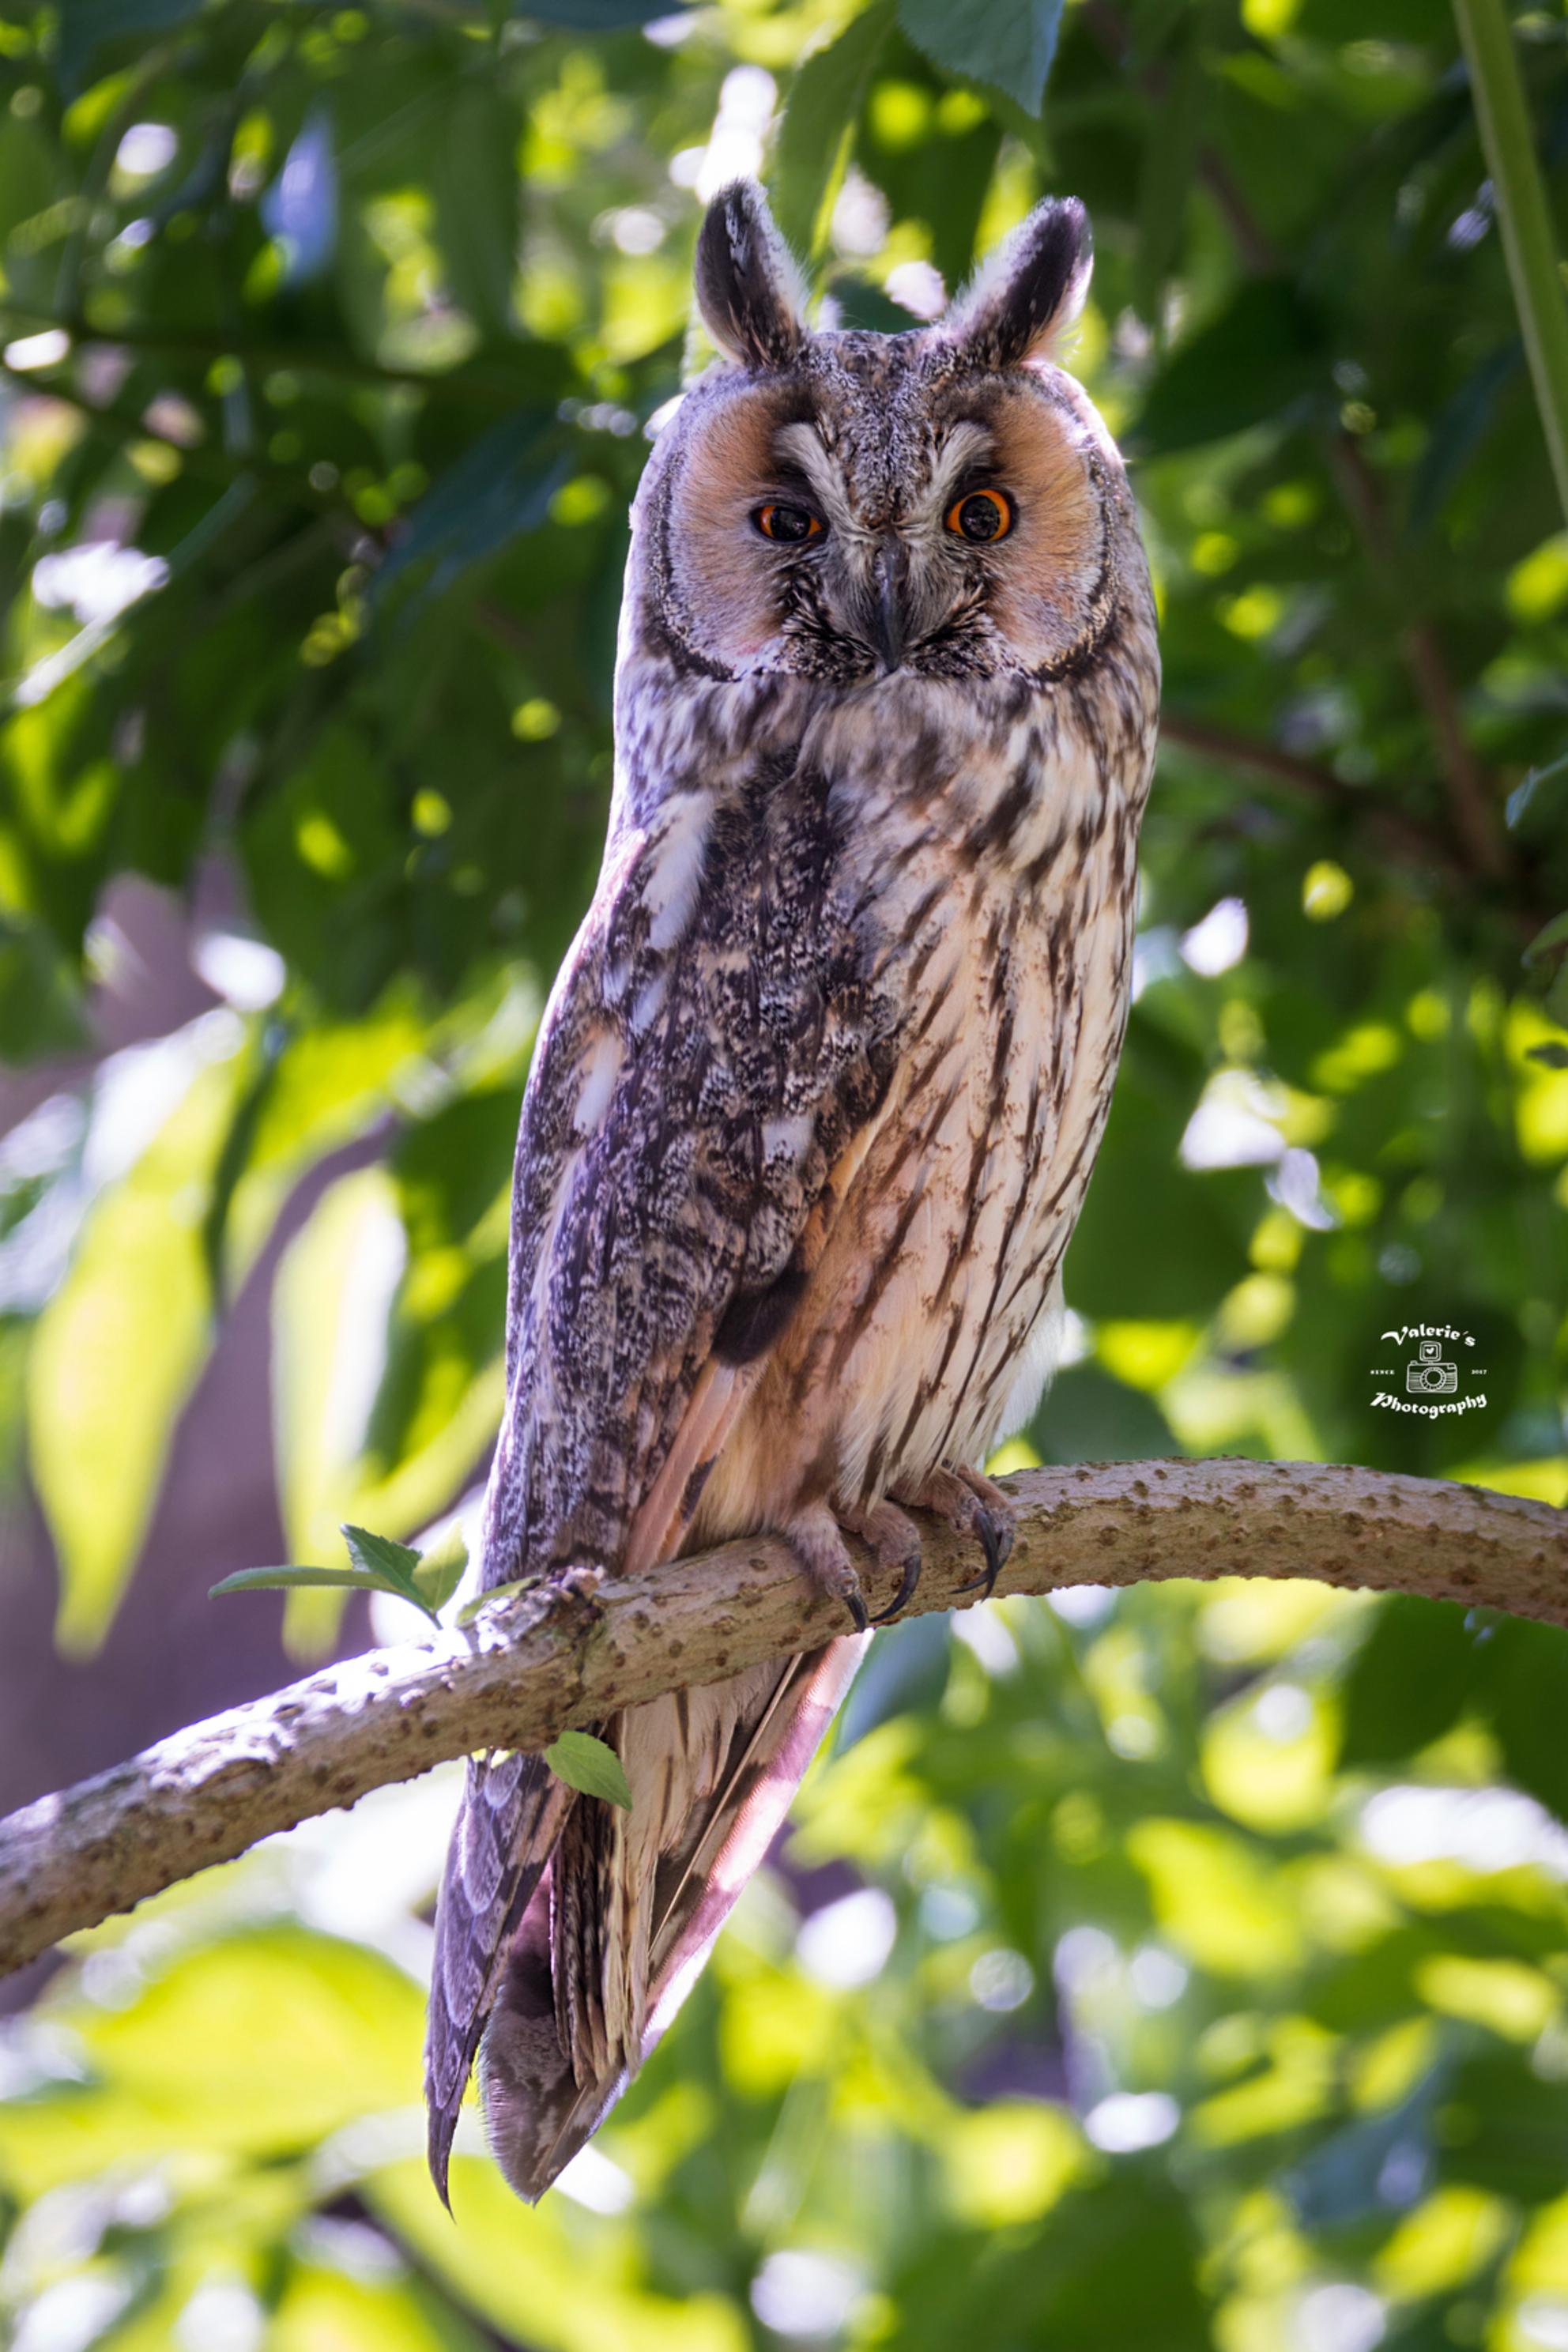 Ransuil - Deze Ransuil was toch echt wel het cadeautje van de dag - foto door Valeries-Photography op 23-05-2019 - deze foto bevat: boom, uil, nature, natuur, oranje, portret, dieren, vogel, wild, nederland, bird, wildlife, uilen, flevoland, ransuil, lelystad, dierportret, close-up, Long-eared Owl, Asio otus